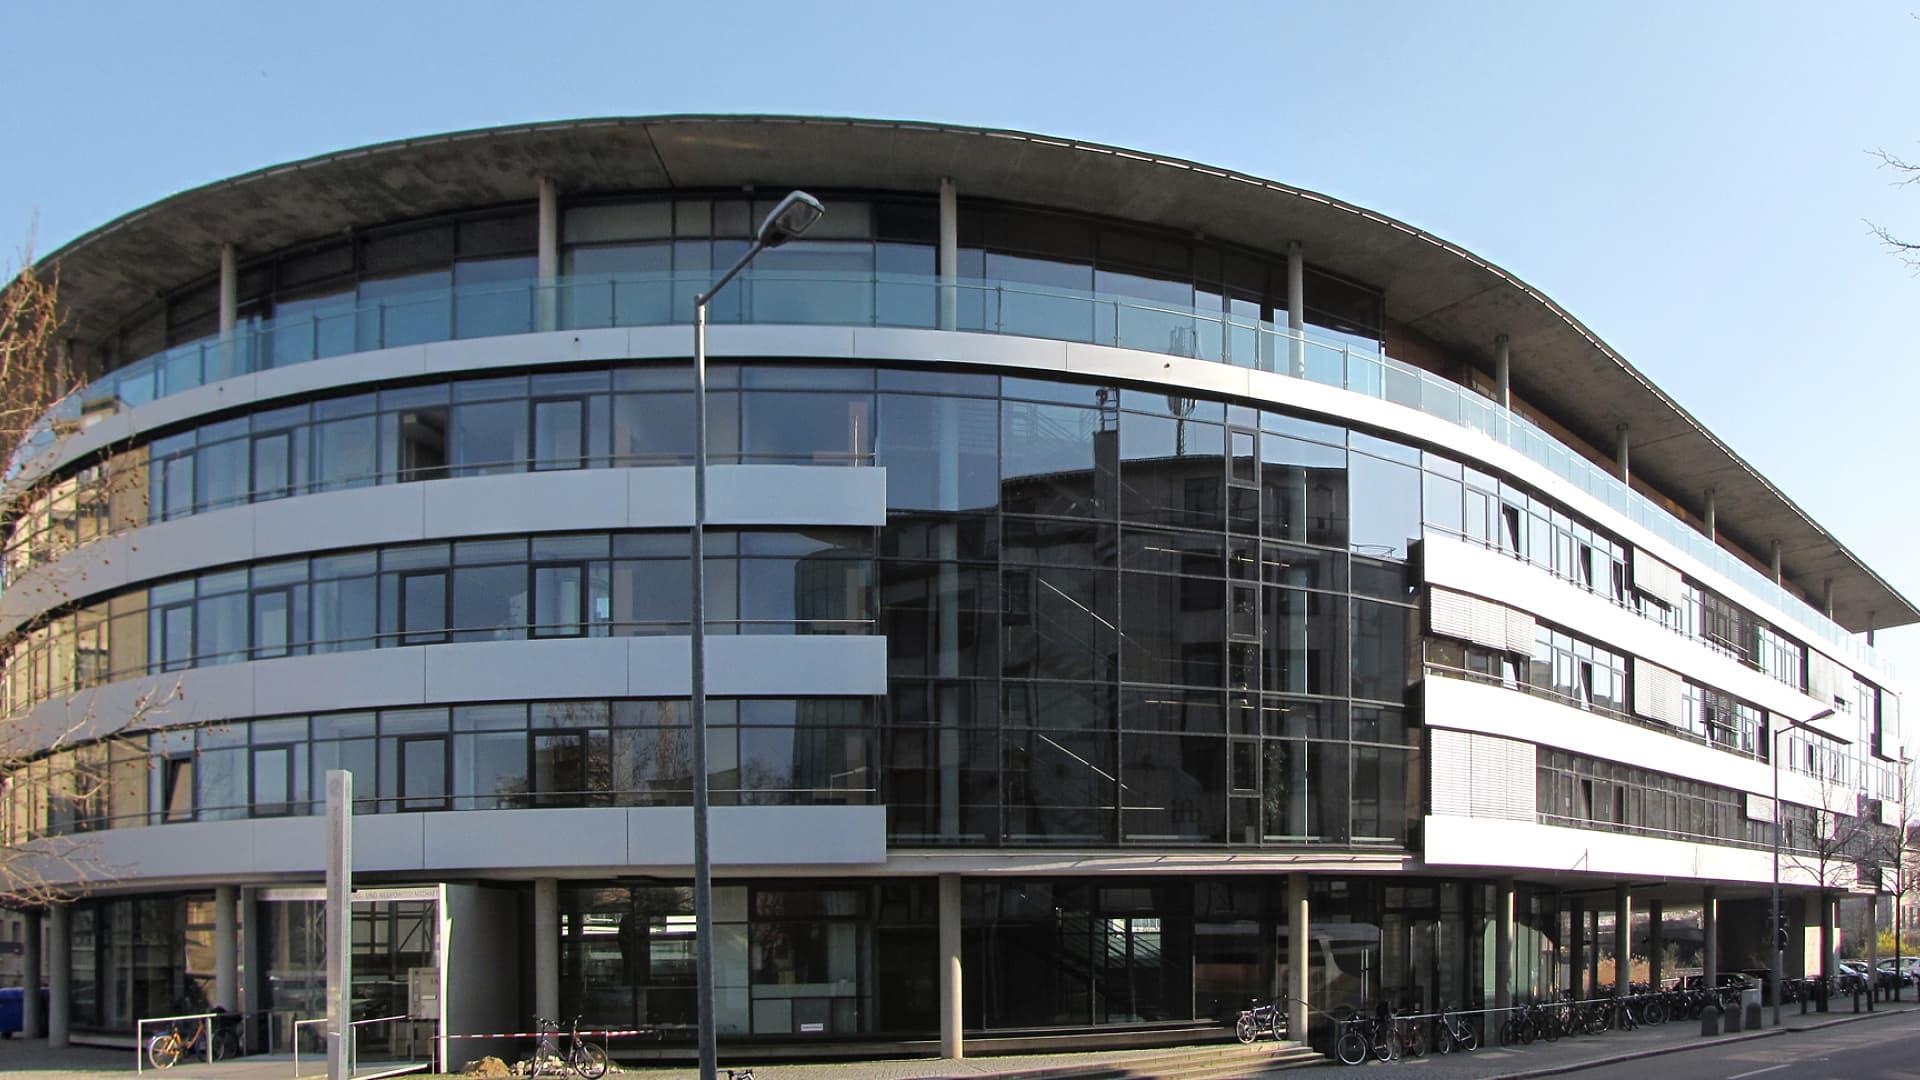 Инсульта - Институт человеческого познания и изучения мозга им. Макса Планка (MPI CBS - Max Planck Institute for Human Cognitive and Brain Sciences) в Лейпциге, Германия